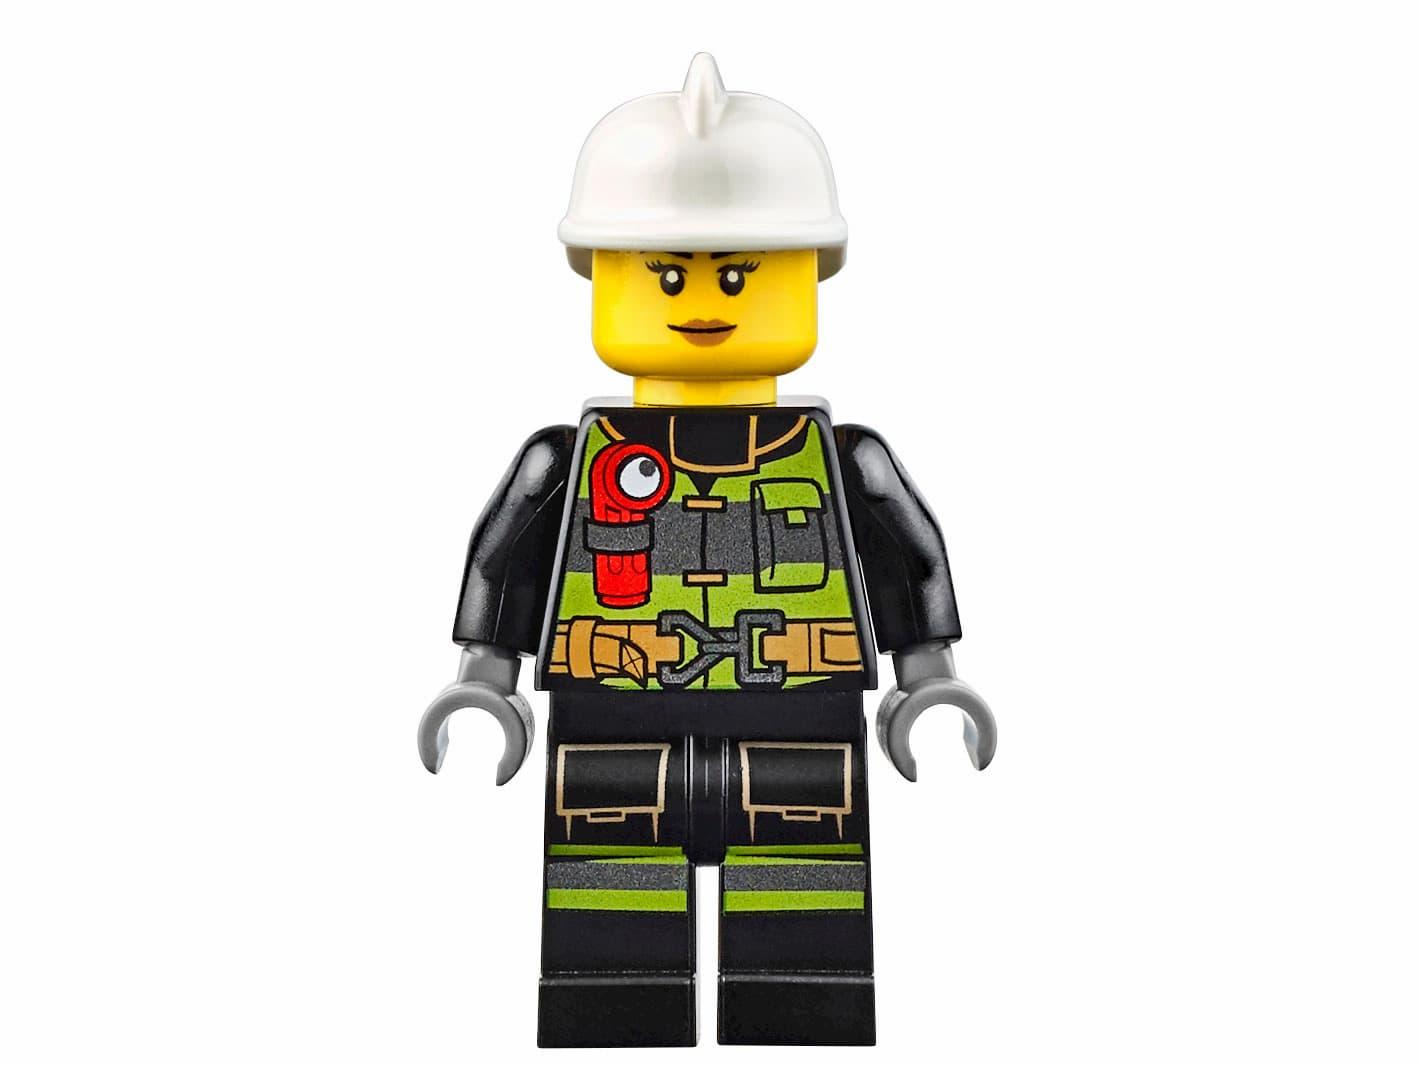 Конструктор Bl «Пожарный автомобиль с лестницей» 10828 (City 60107) / 225 деталей